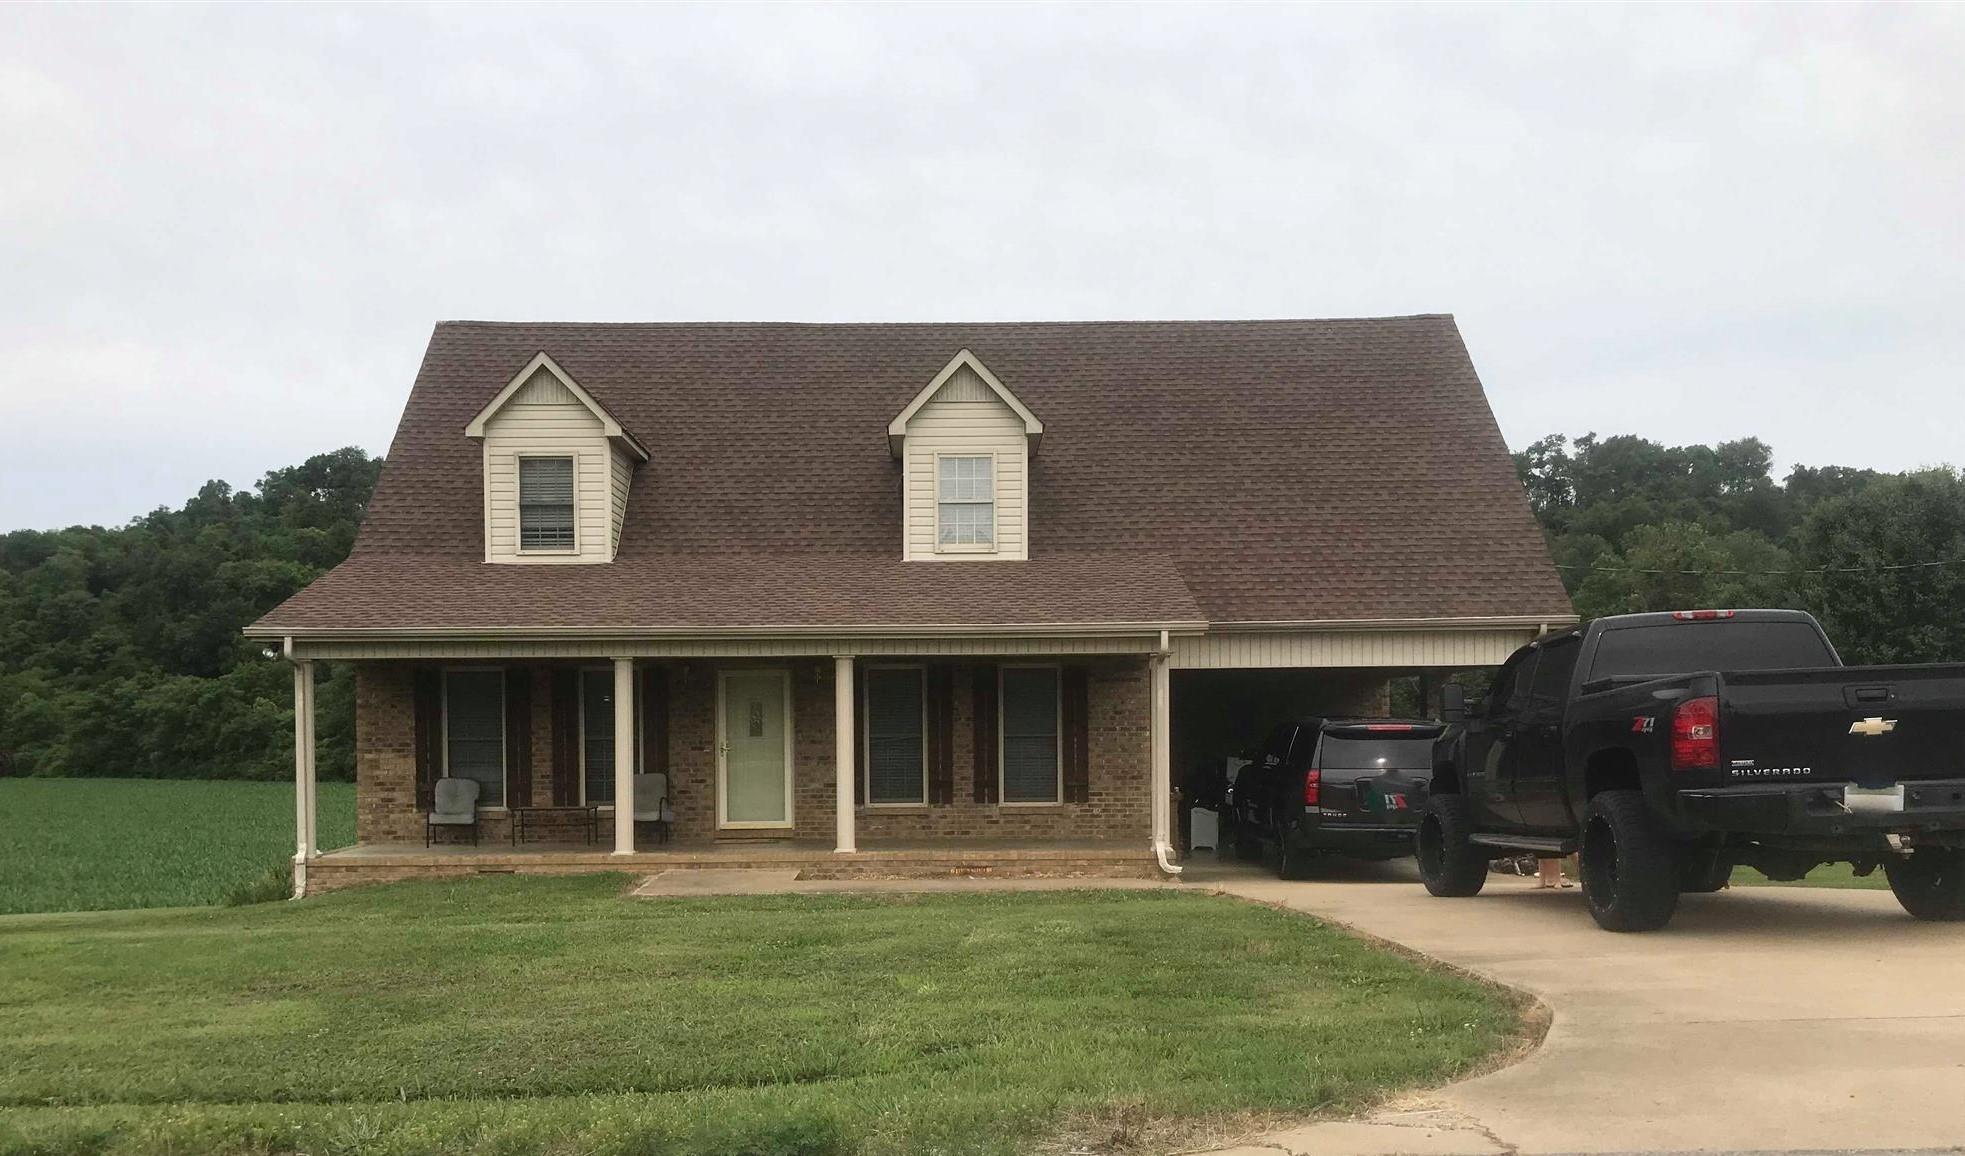 6956 Bunker Hill Rd, Dellrose, TN 38453 - Dellrose, TN real estate listing